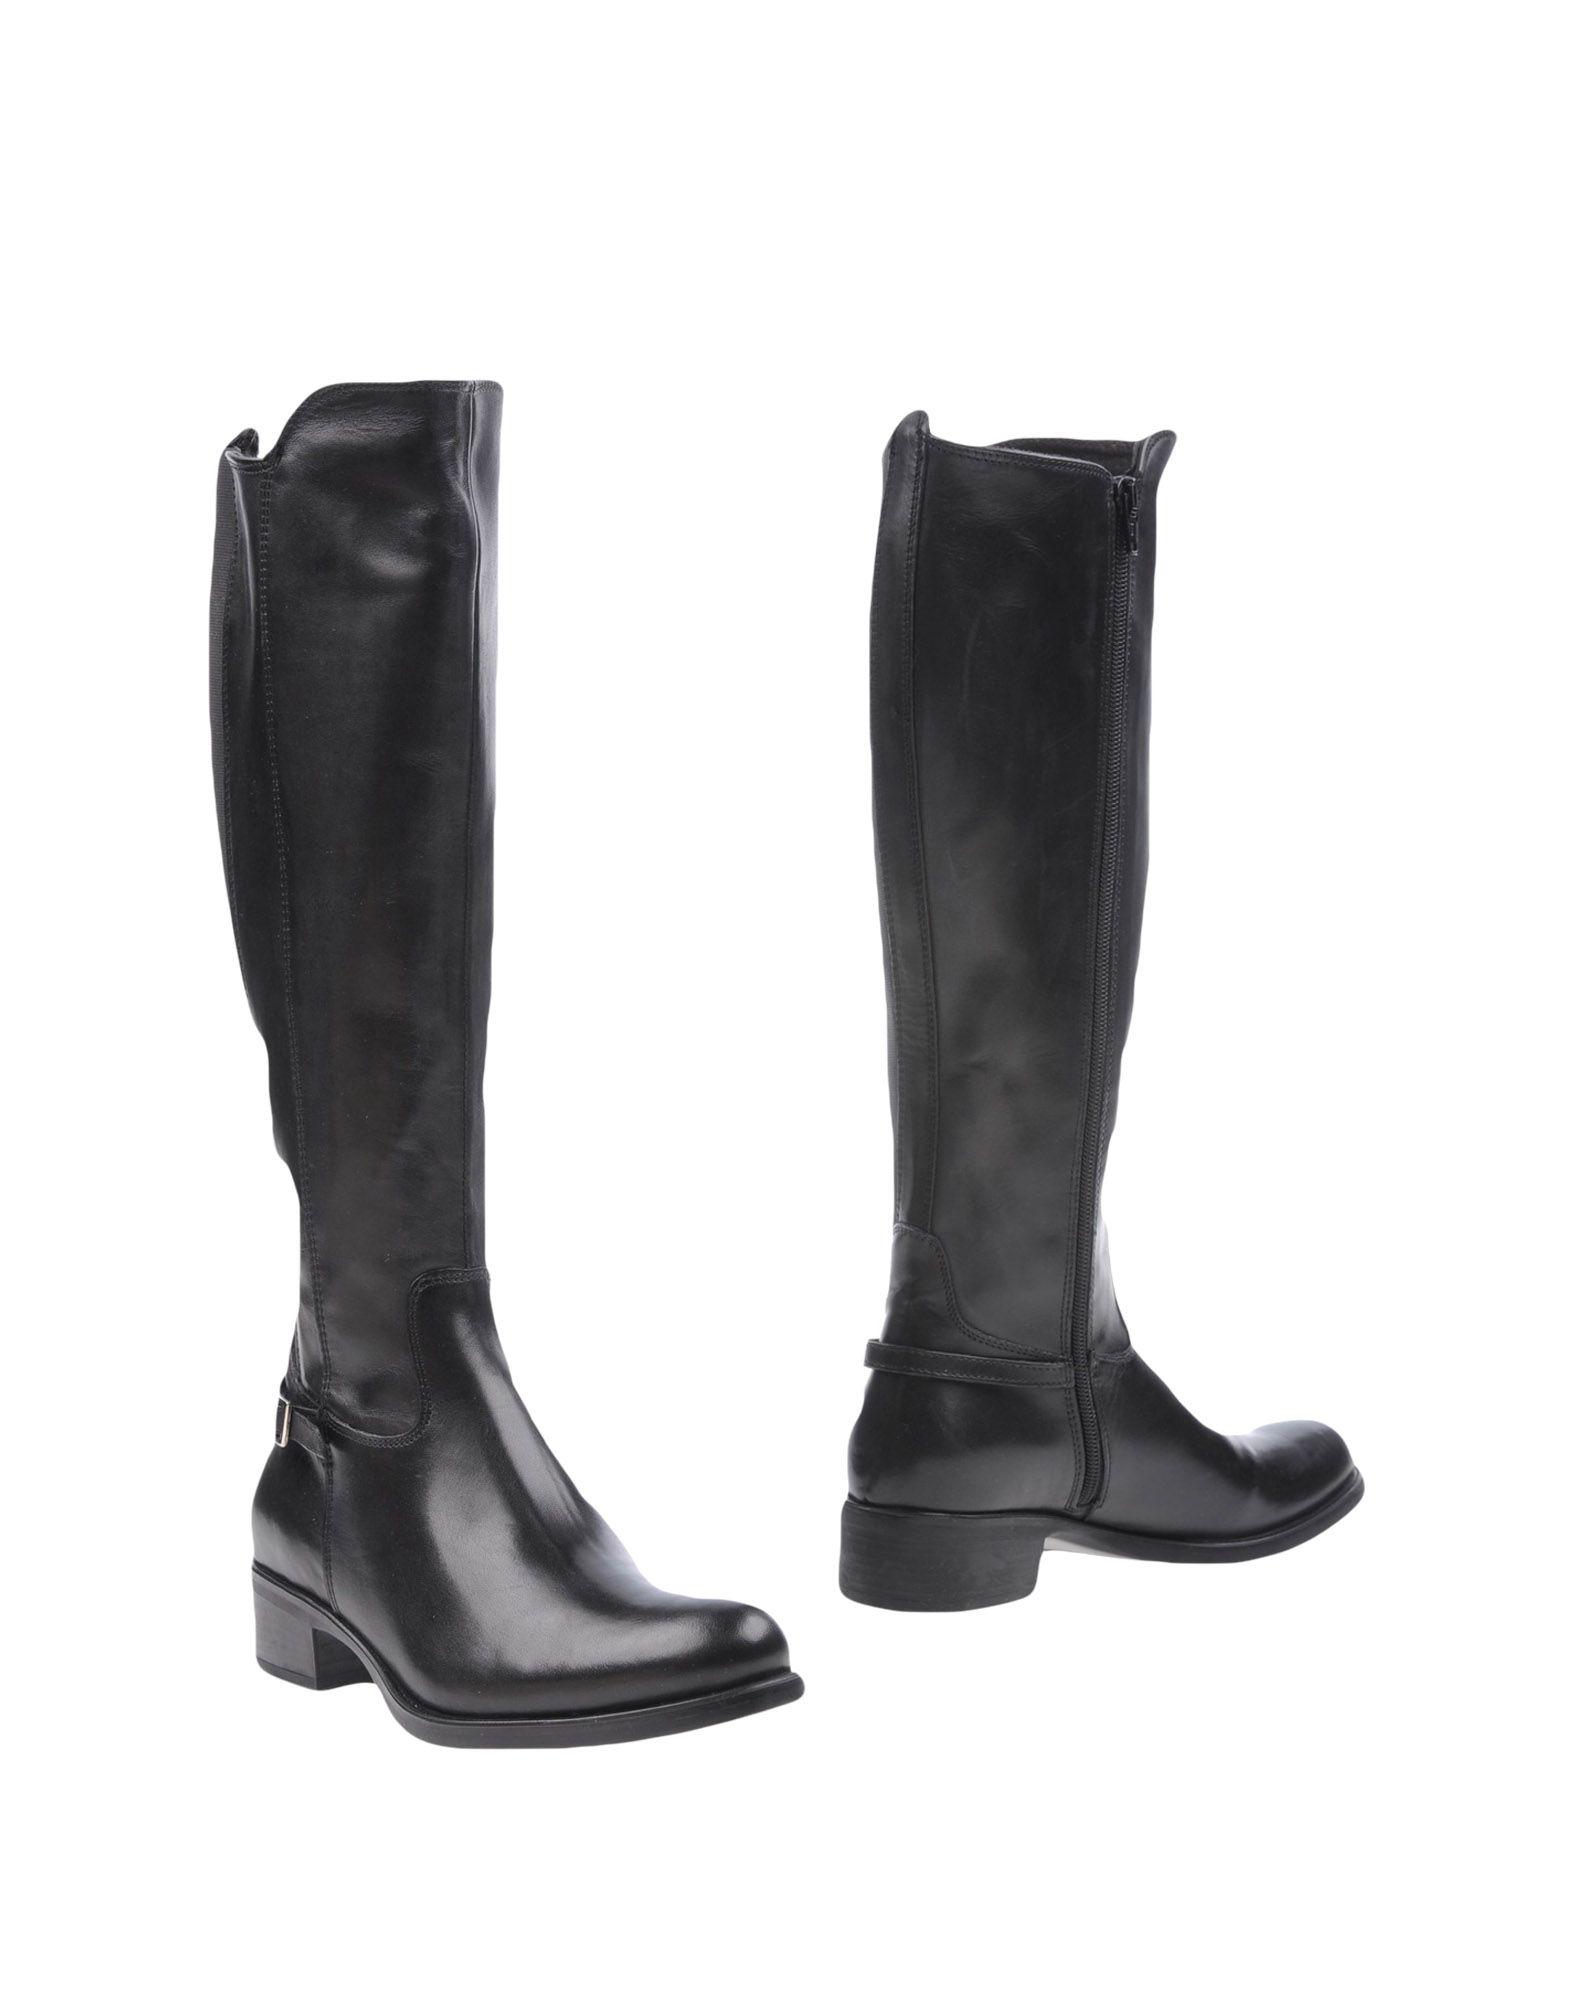 Paola Ferri Stiefel Damen  11226041VXGut aussehende strapazierfähige Schuhe